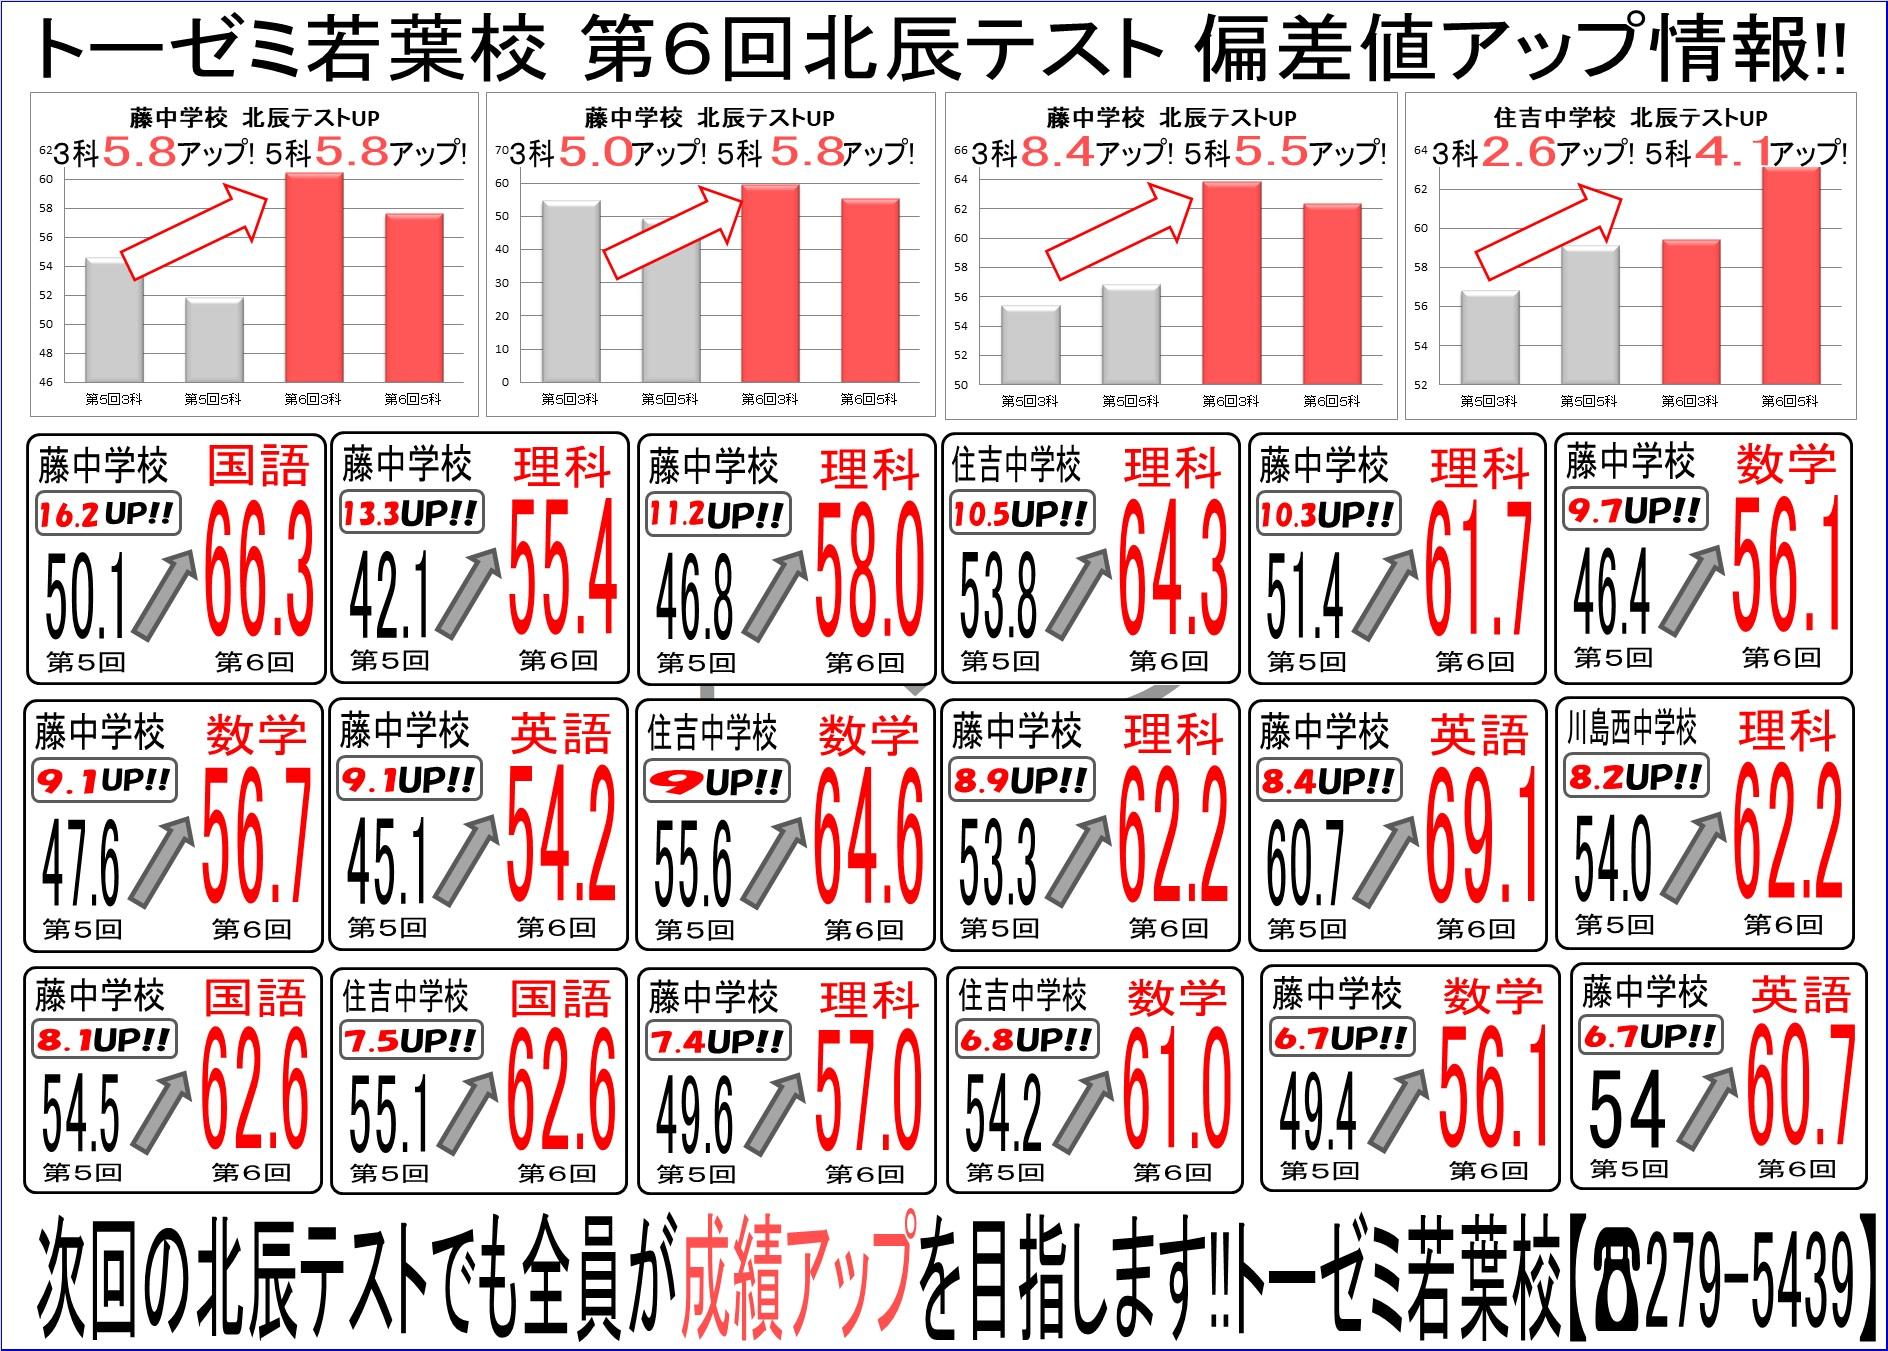 17_%e7%ac%ac6%e5%9b%9e%e5%8c%97%e8%be%b0up